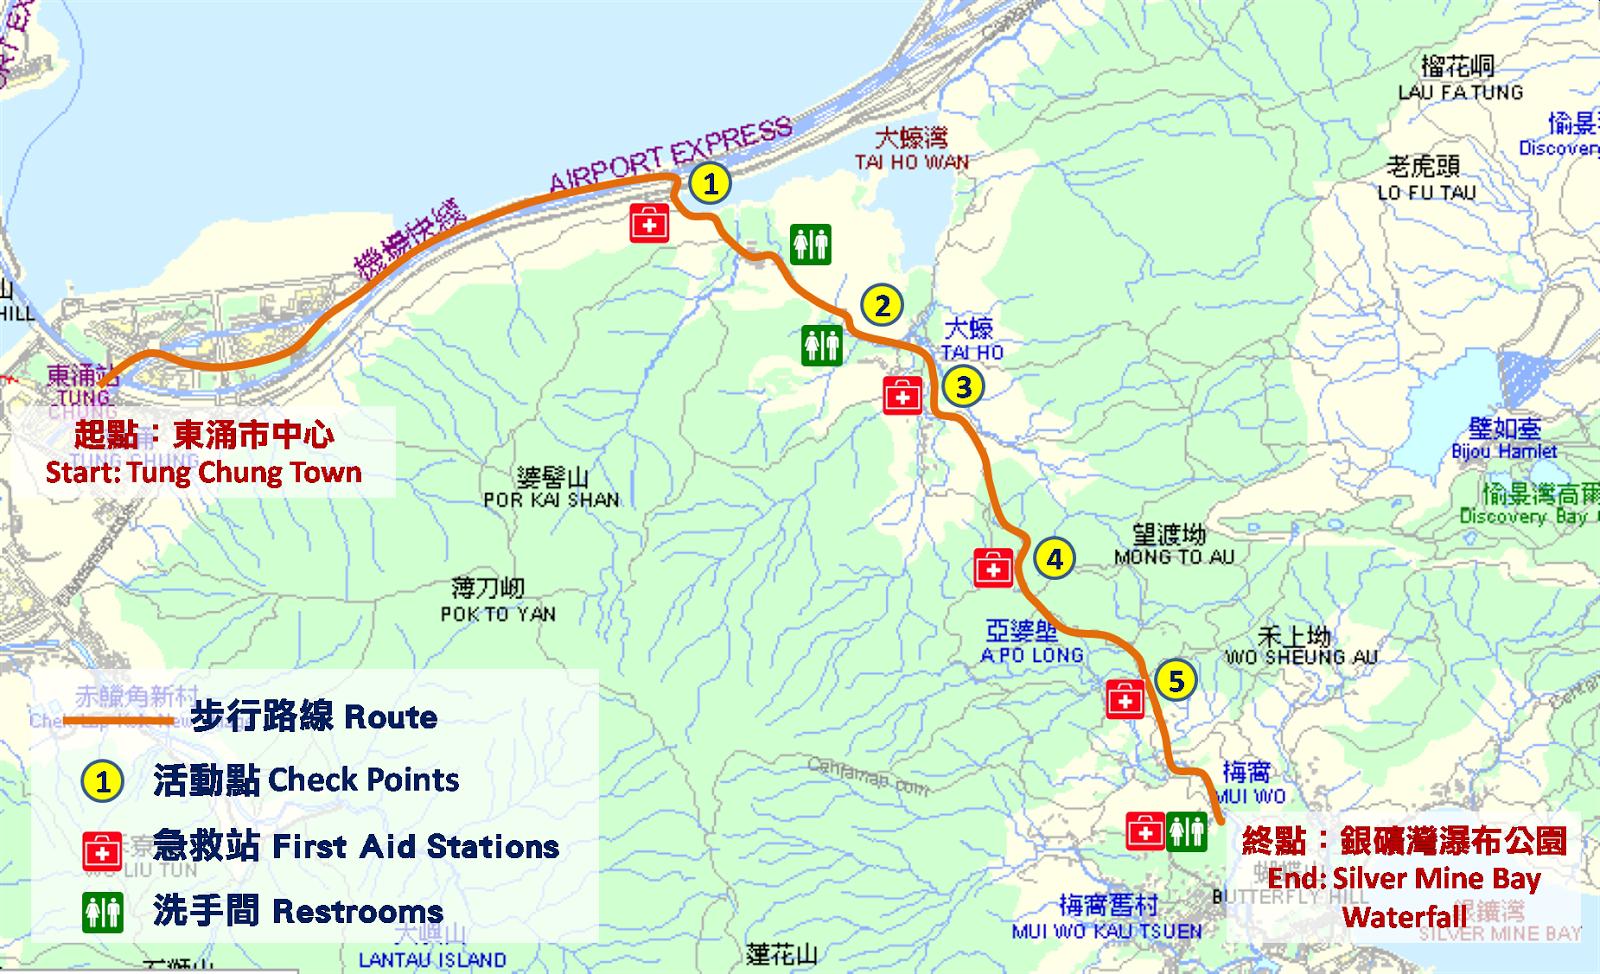 環保觸覺慈善步行籌款 2014 Green Sense Walkathon: 步行籌款簡介及路線 Walkathon Information and Route